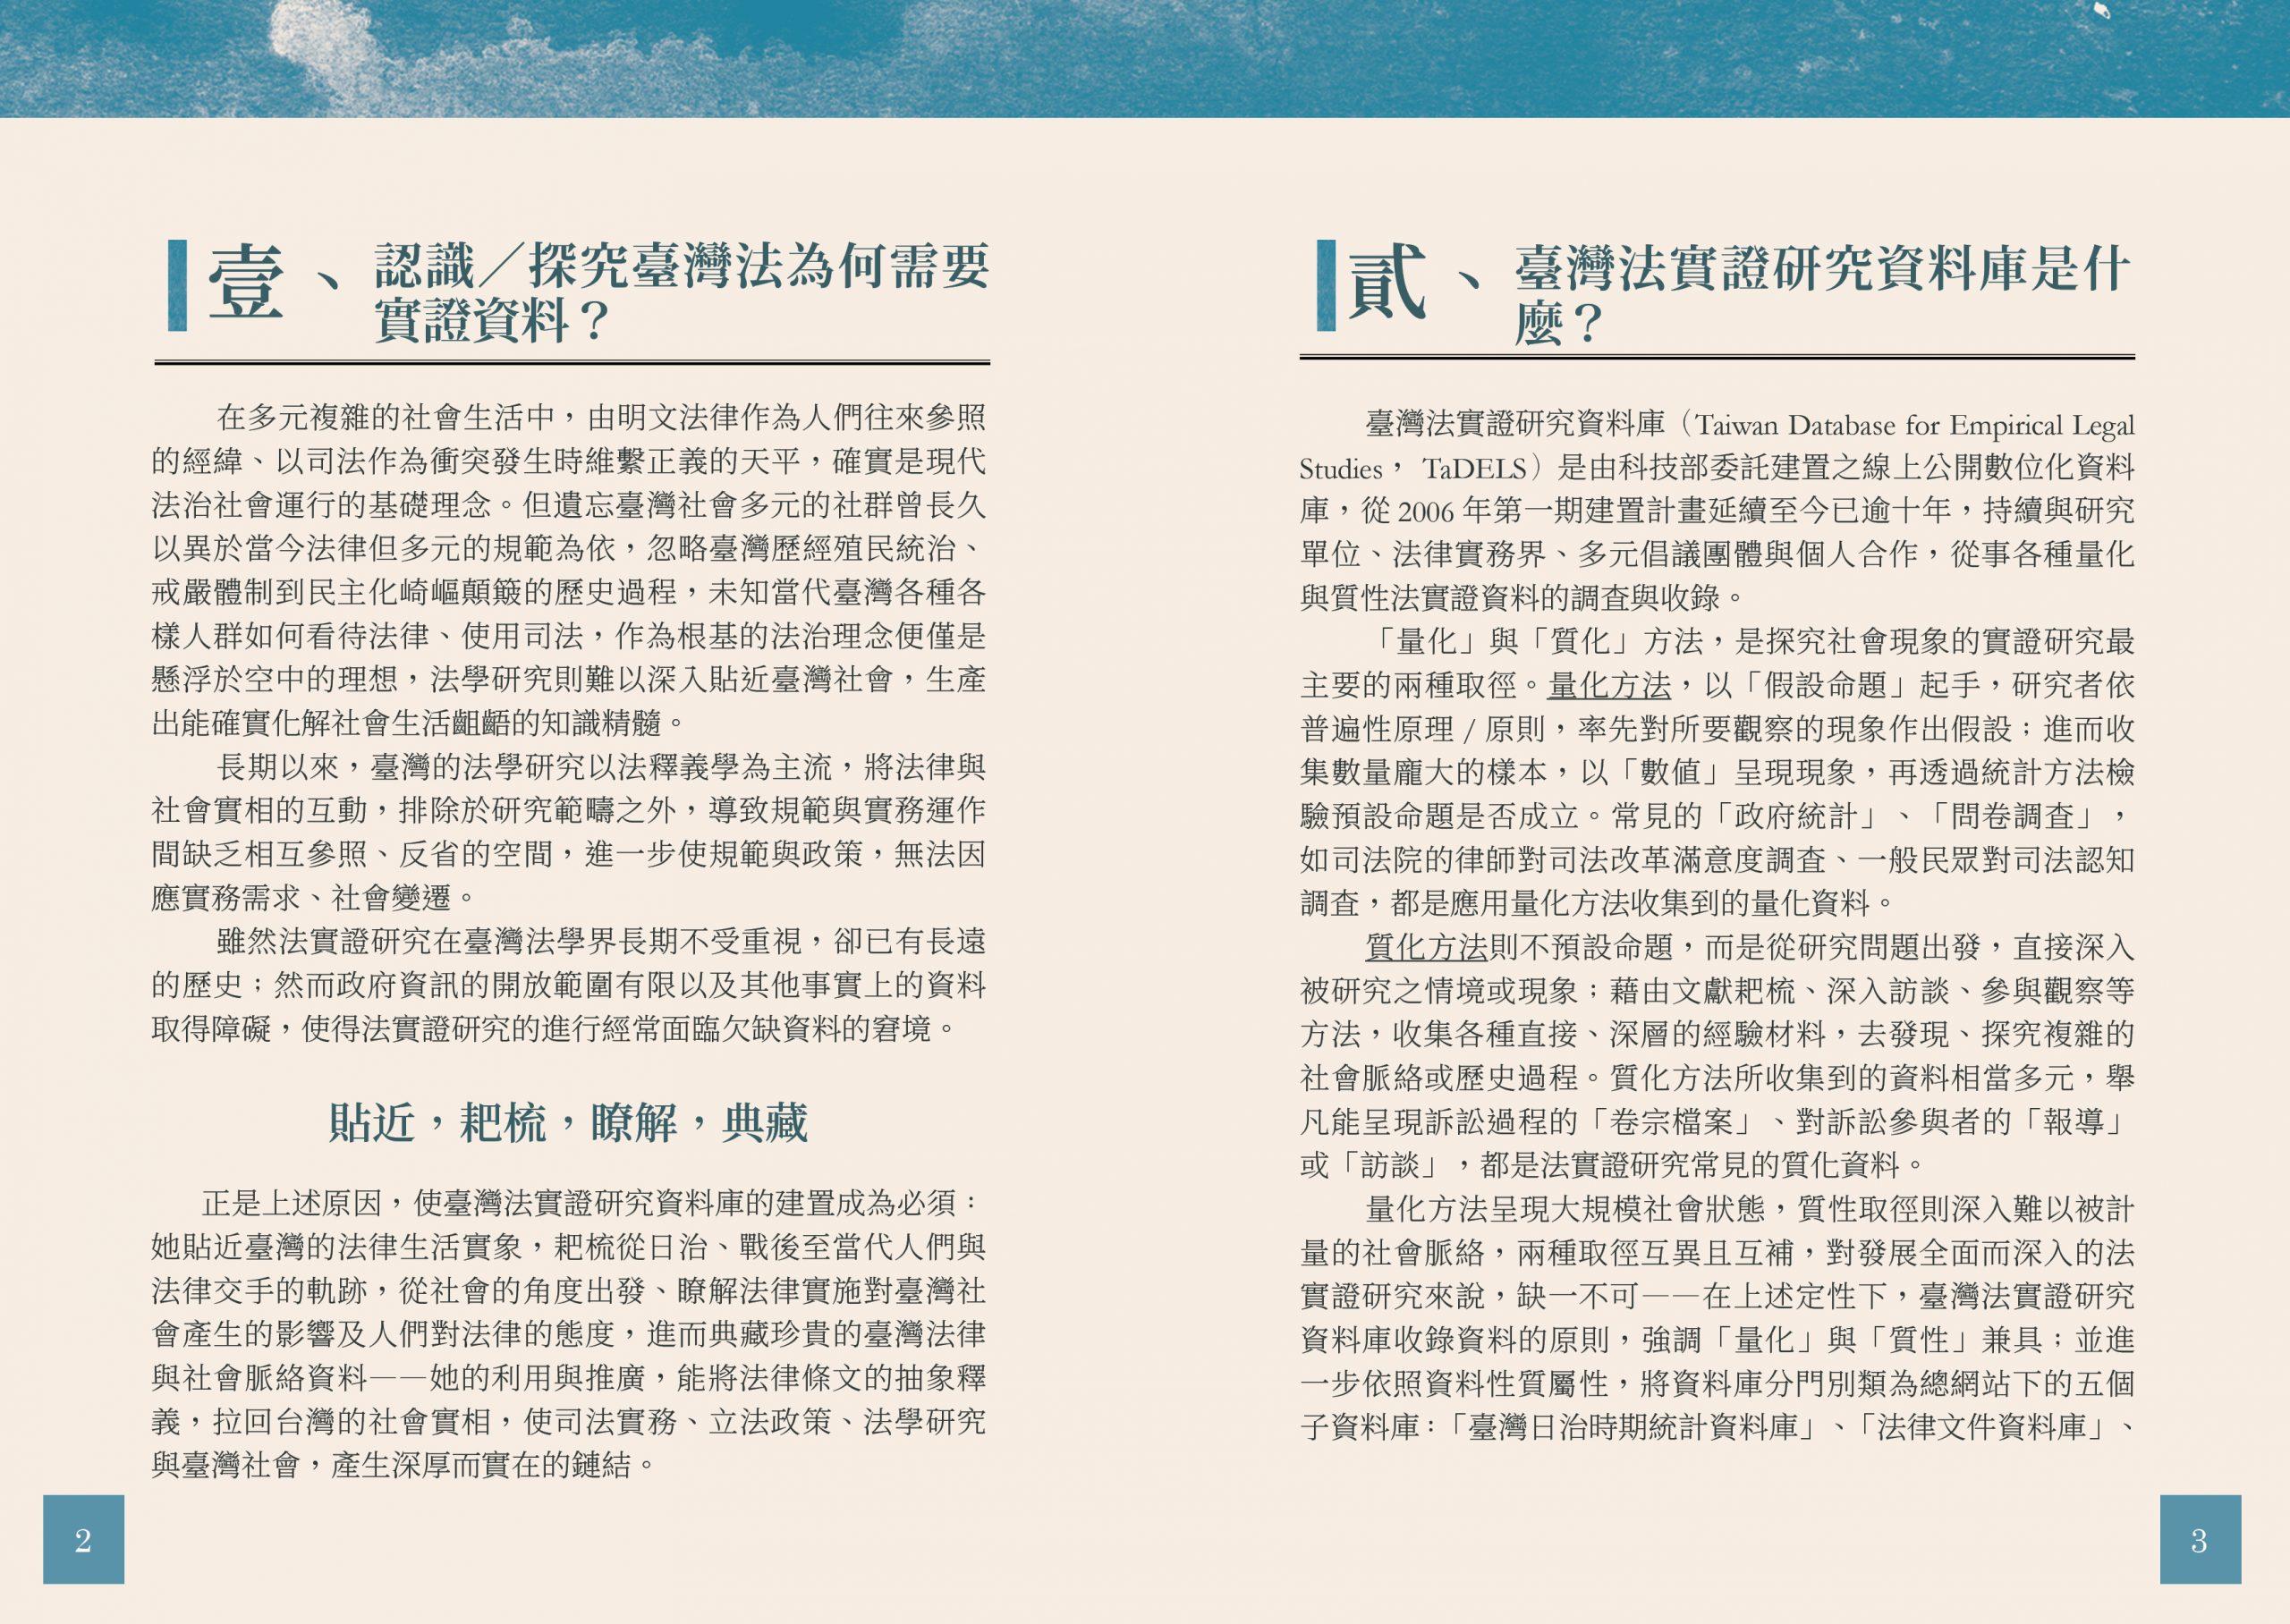 台灣法實證資料庫介紹手冊內文_1001-22